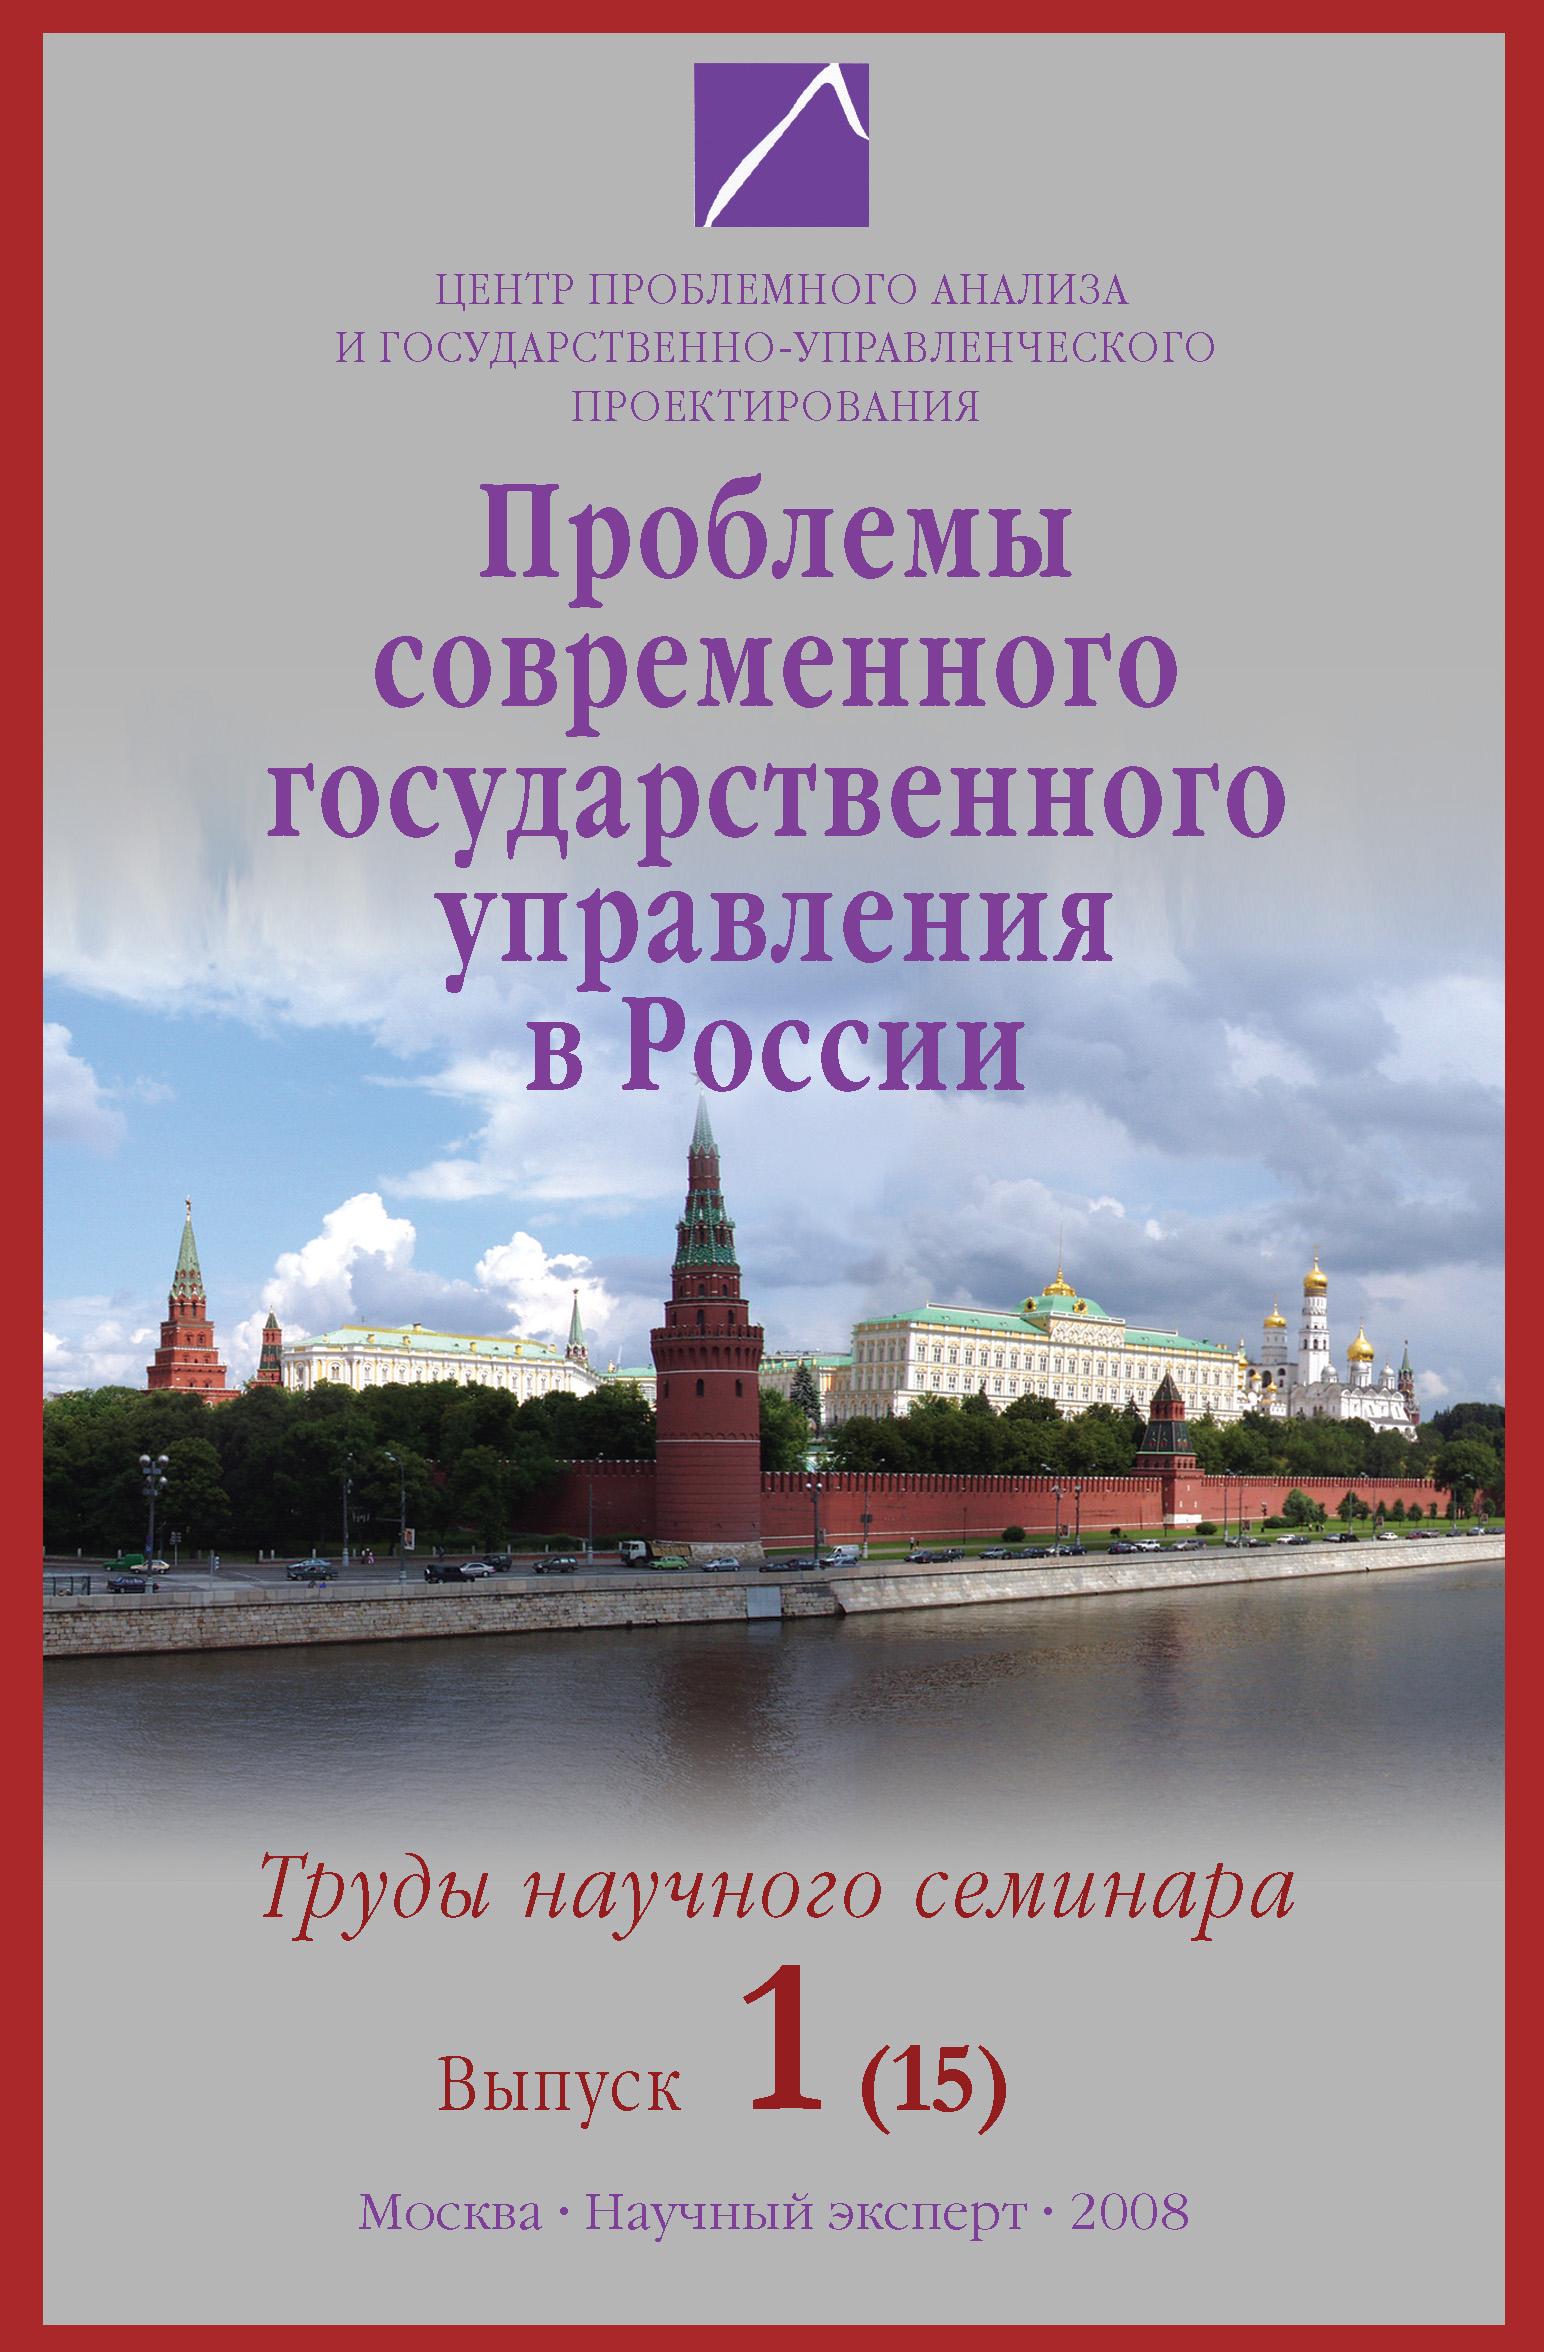 Коллектив авторов Проблемы современного государственного управления в России. Выпуск №1 (15), 2008